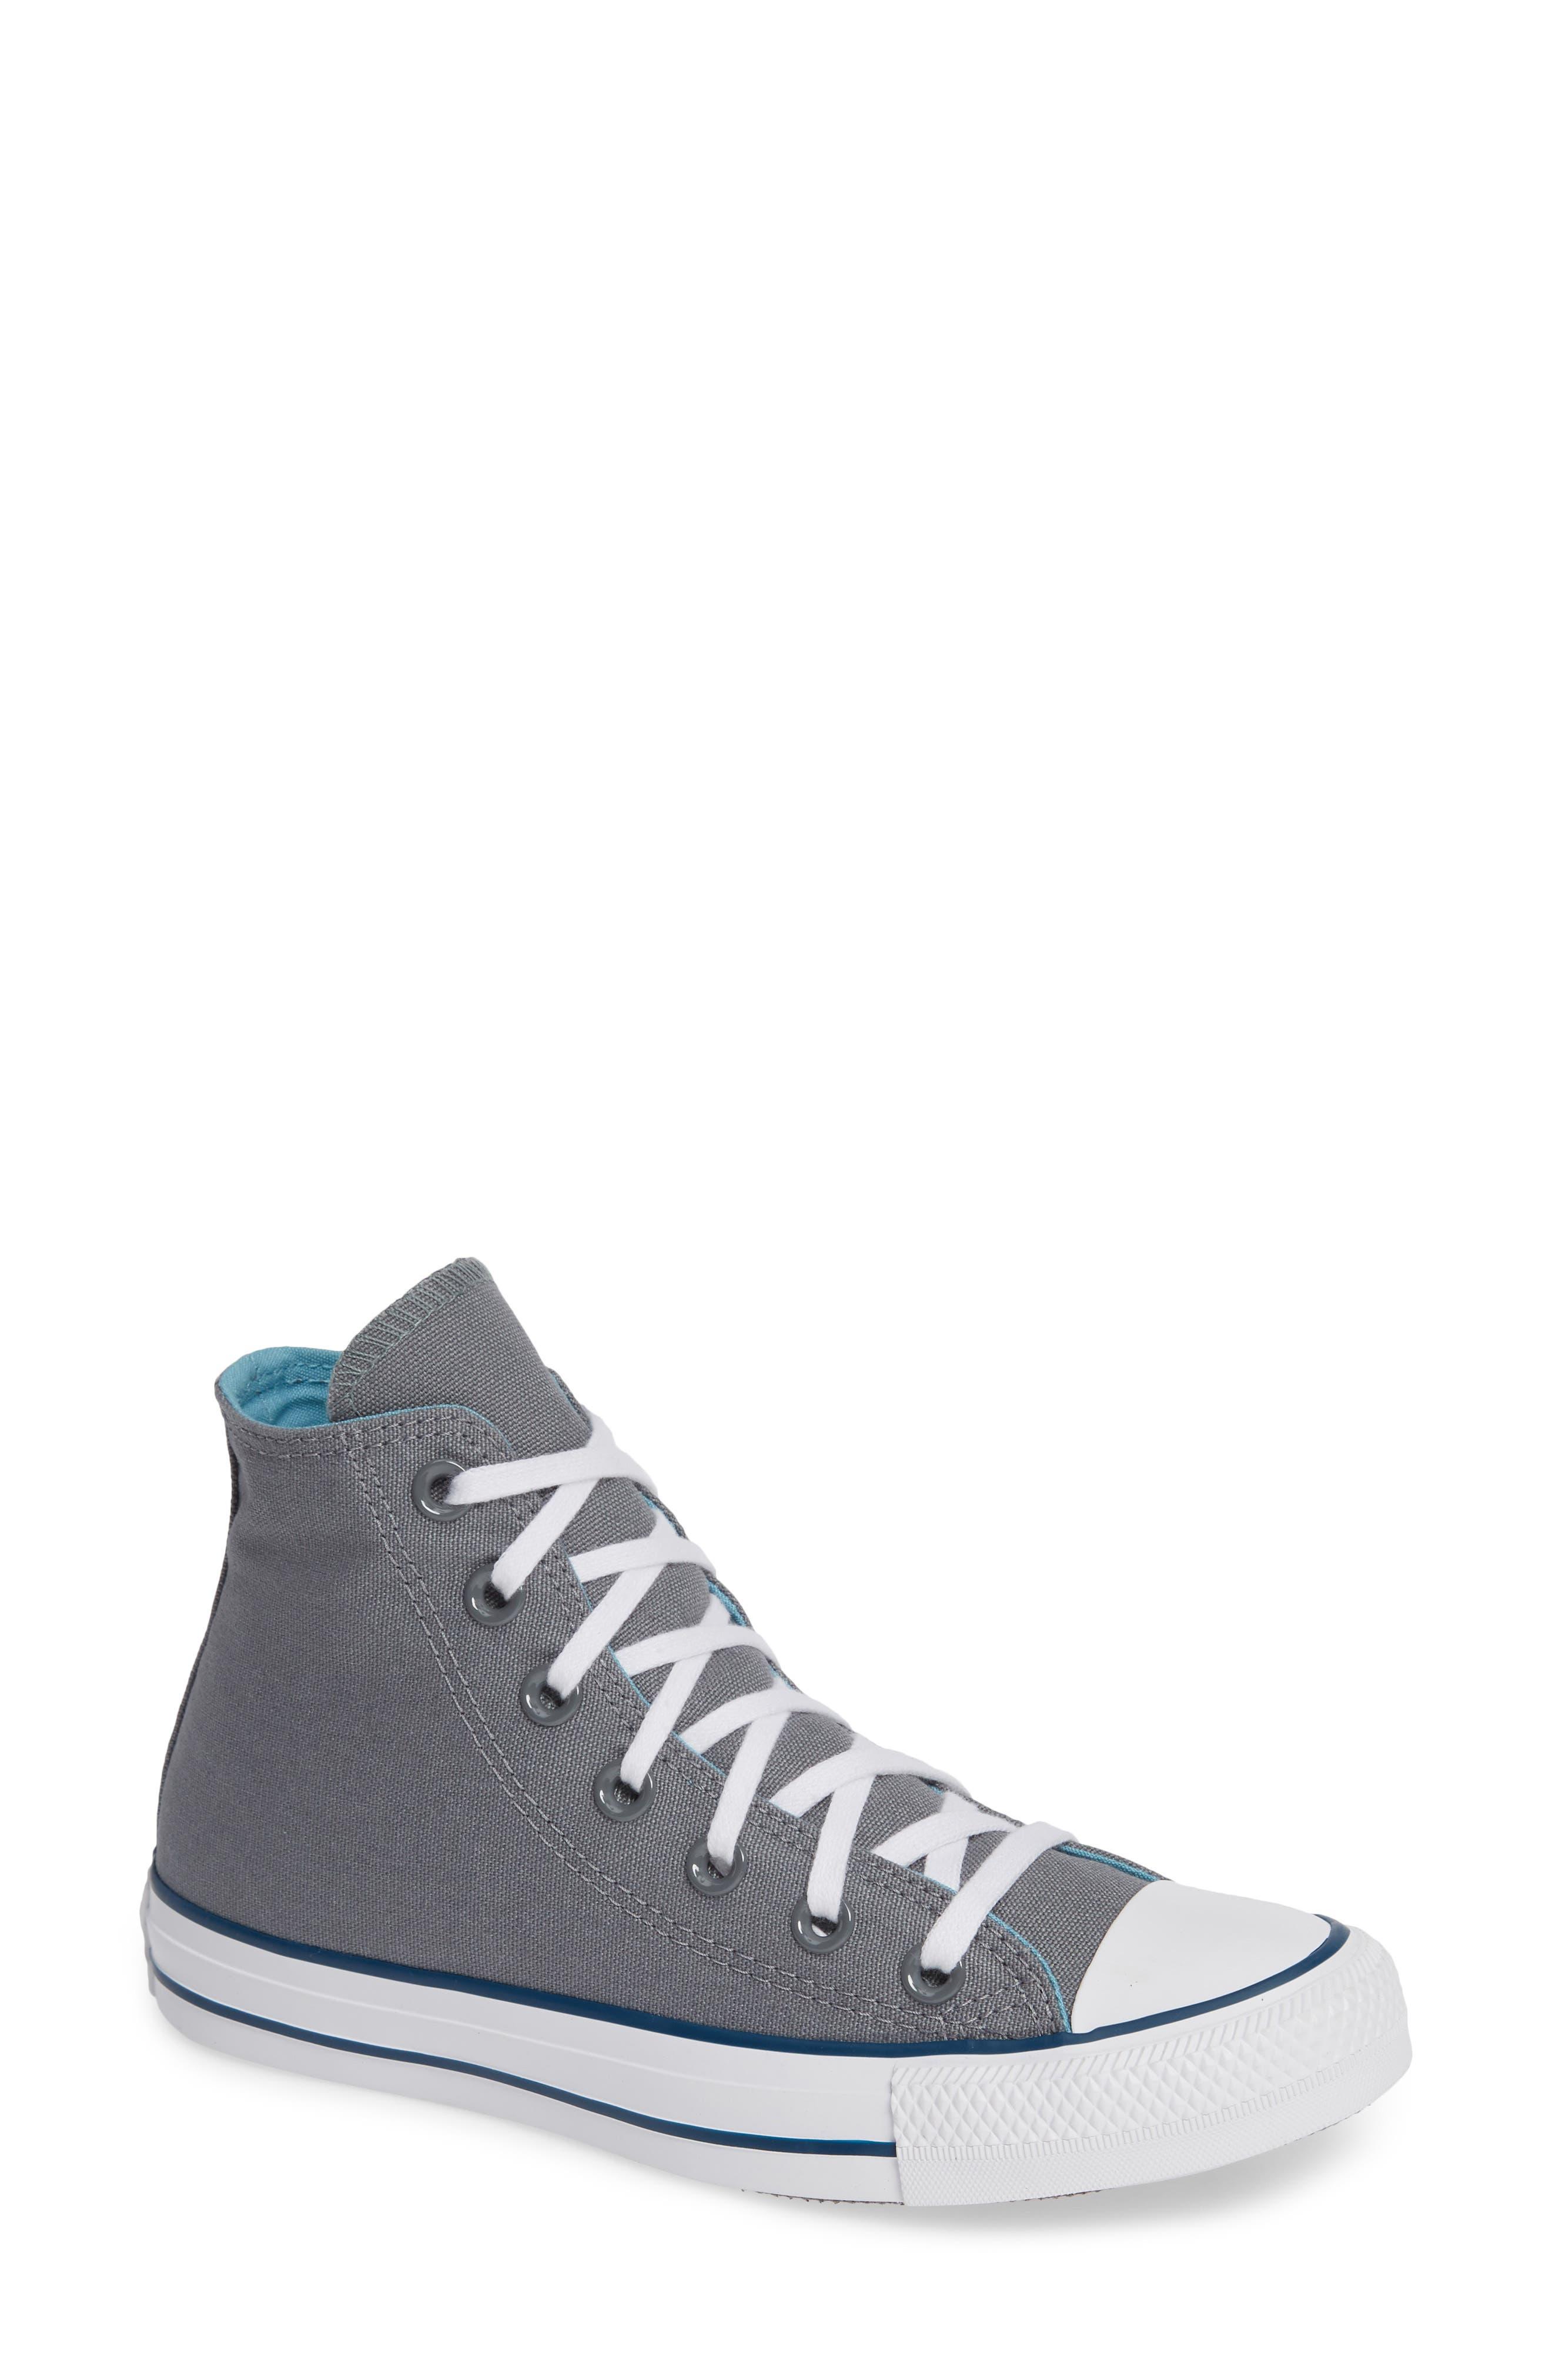 Chuck Taylor<sup>®</sup> All Star<sup>®</sup> Seasonal Hi Sneaker,                             Main thumbnail 1, color,                             039